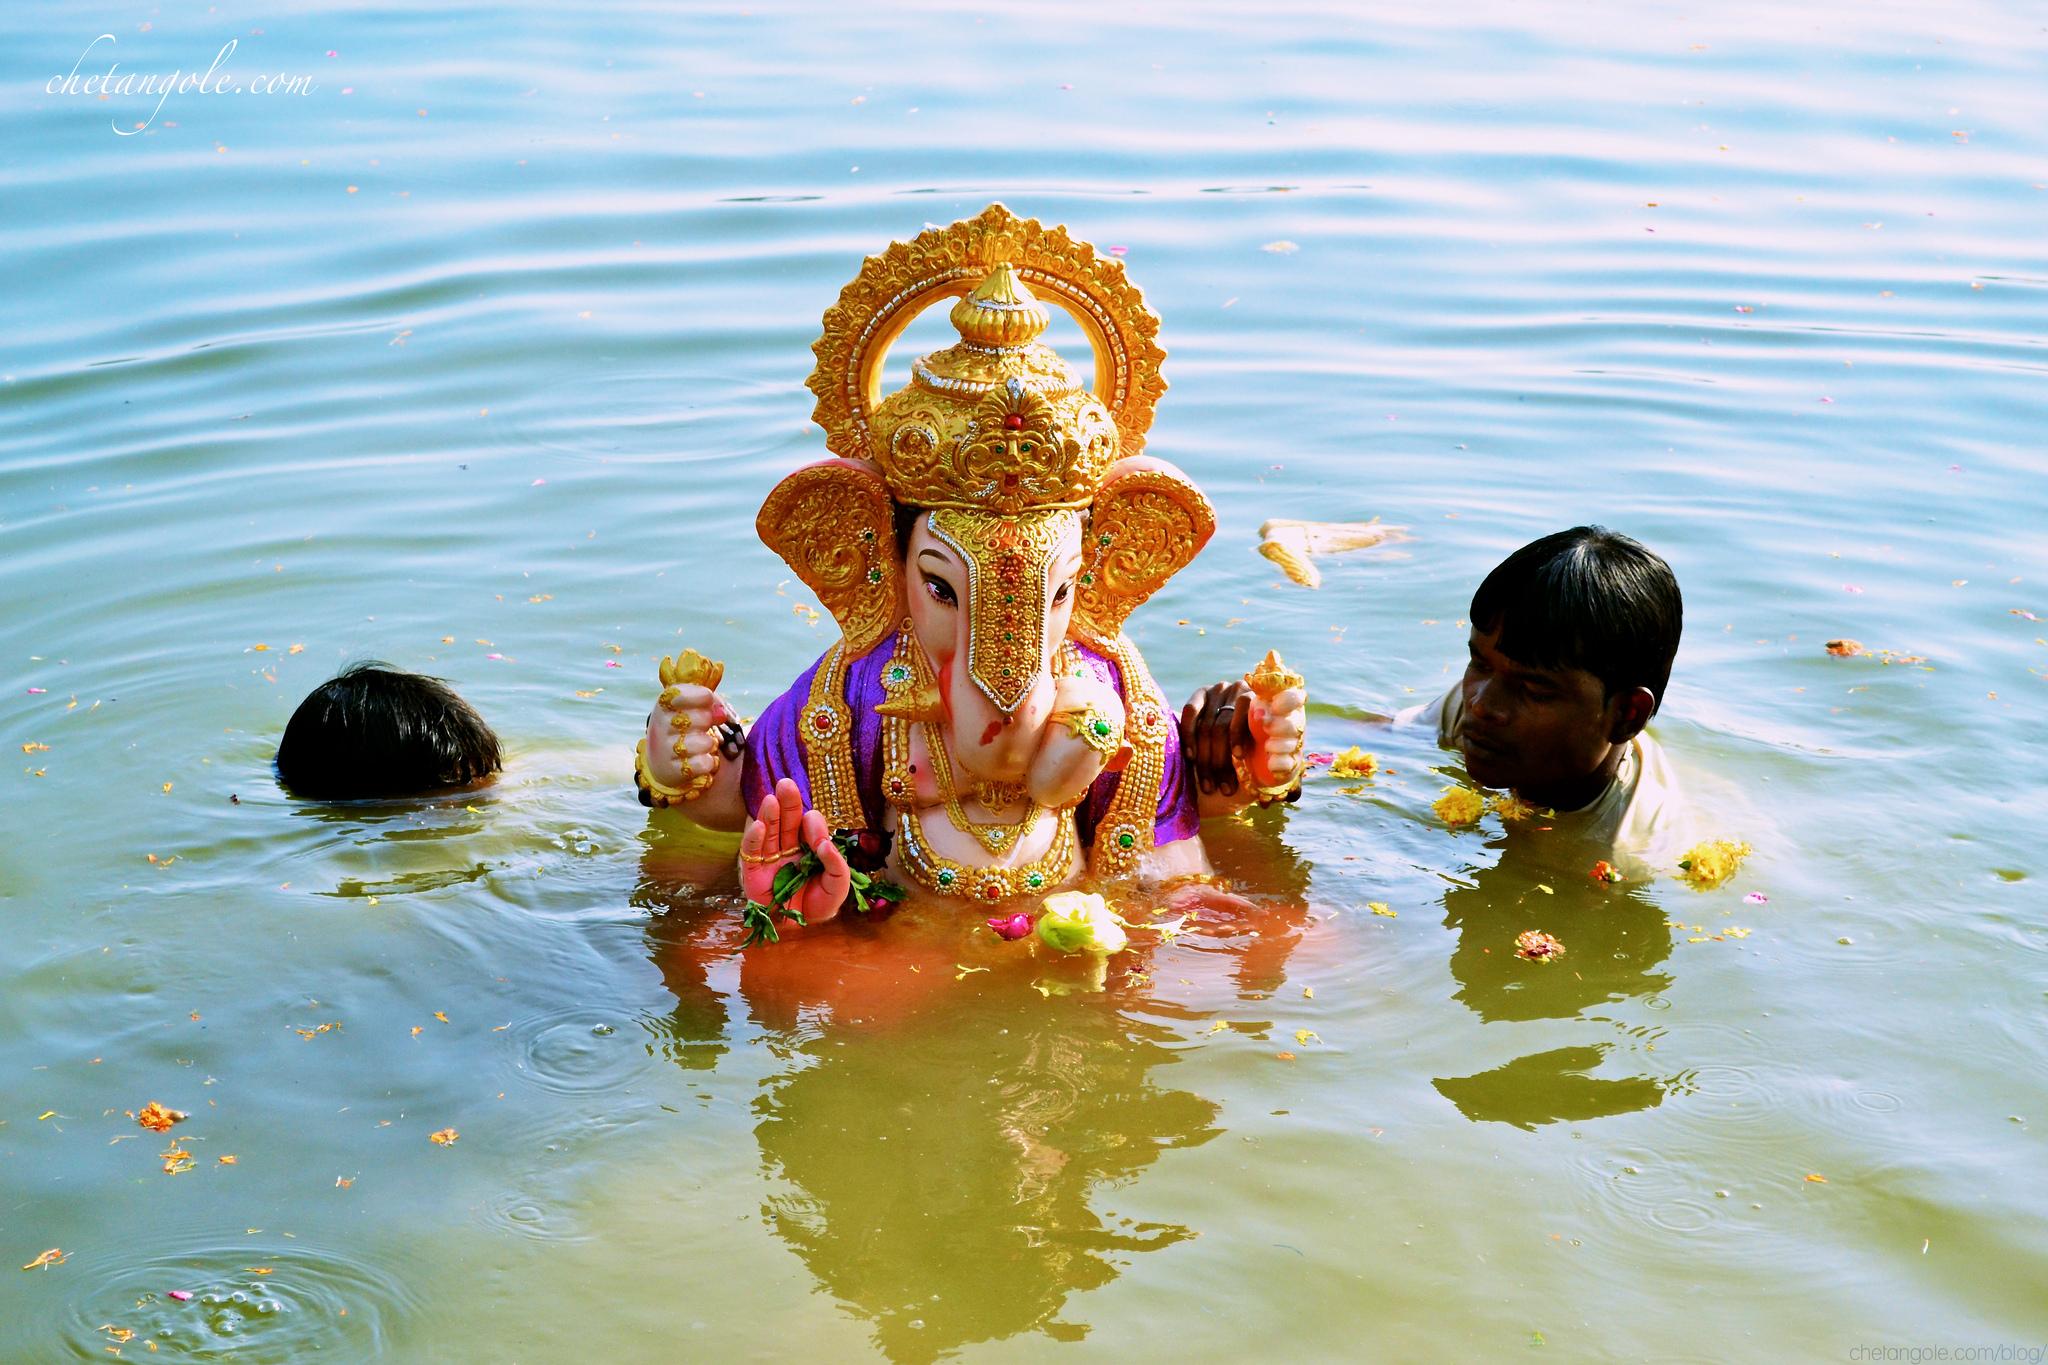 День рождения Бога Ганеша с головой слона